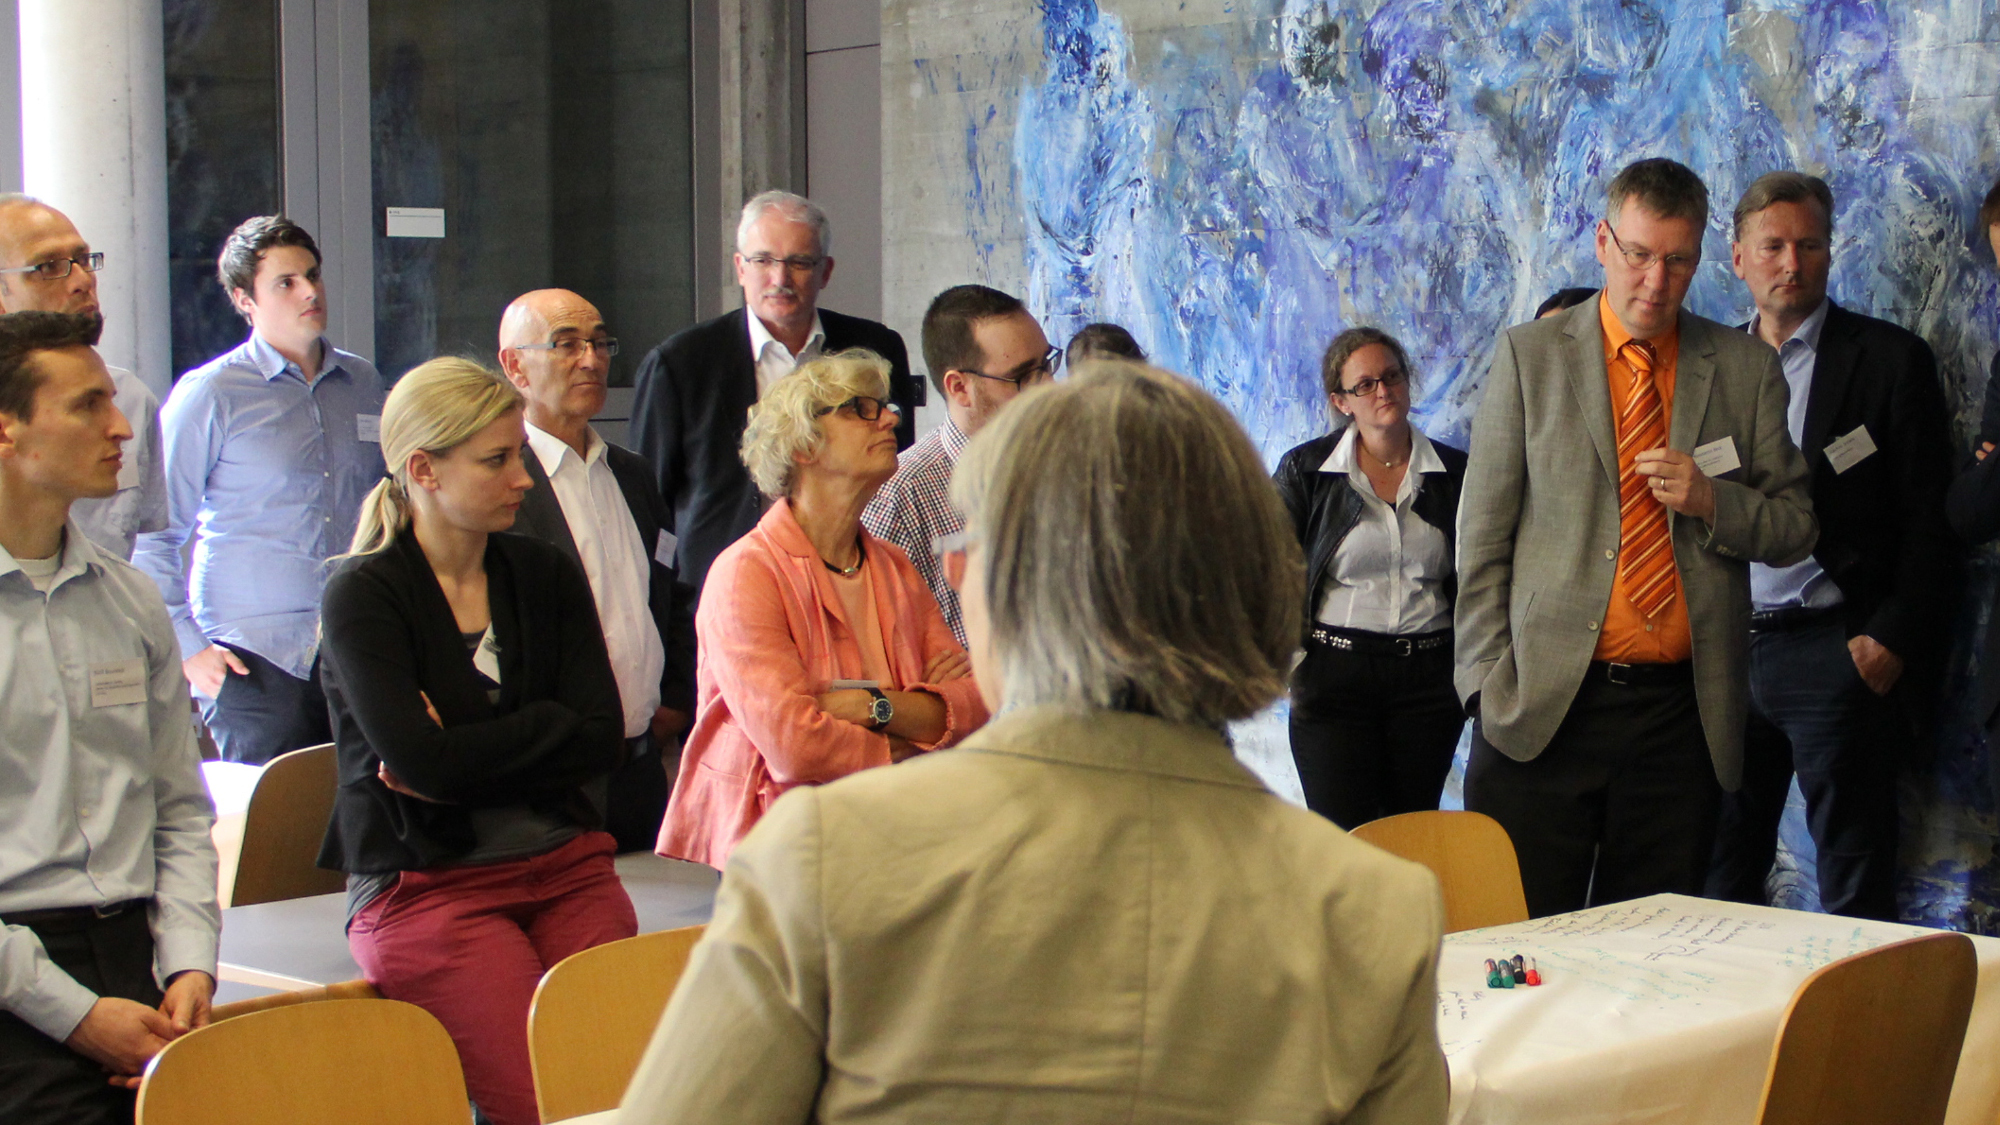 TeilnehmerInnen des Workshops stehend